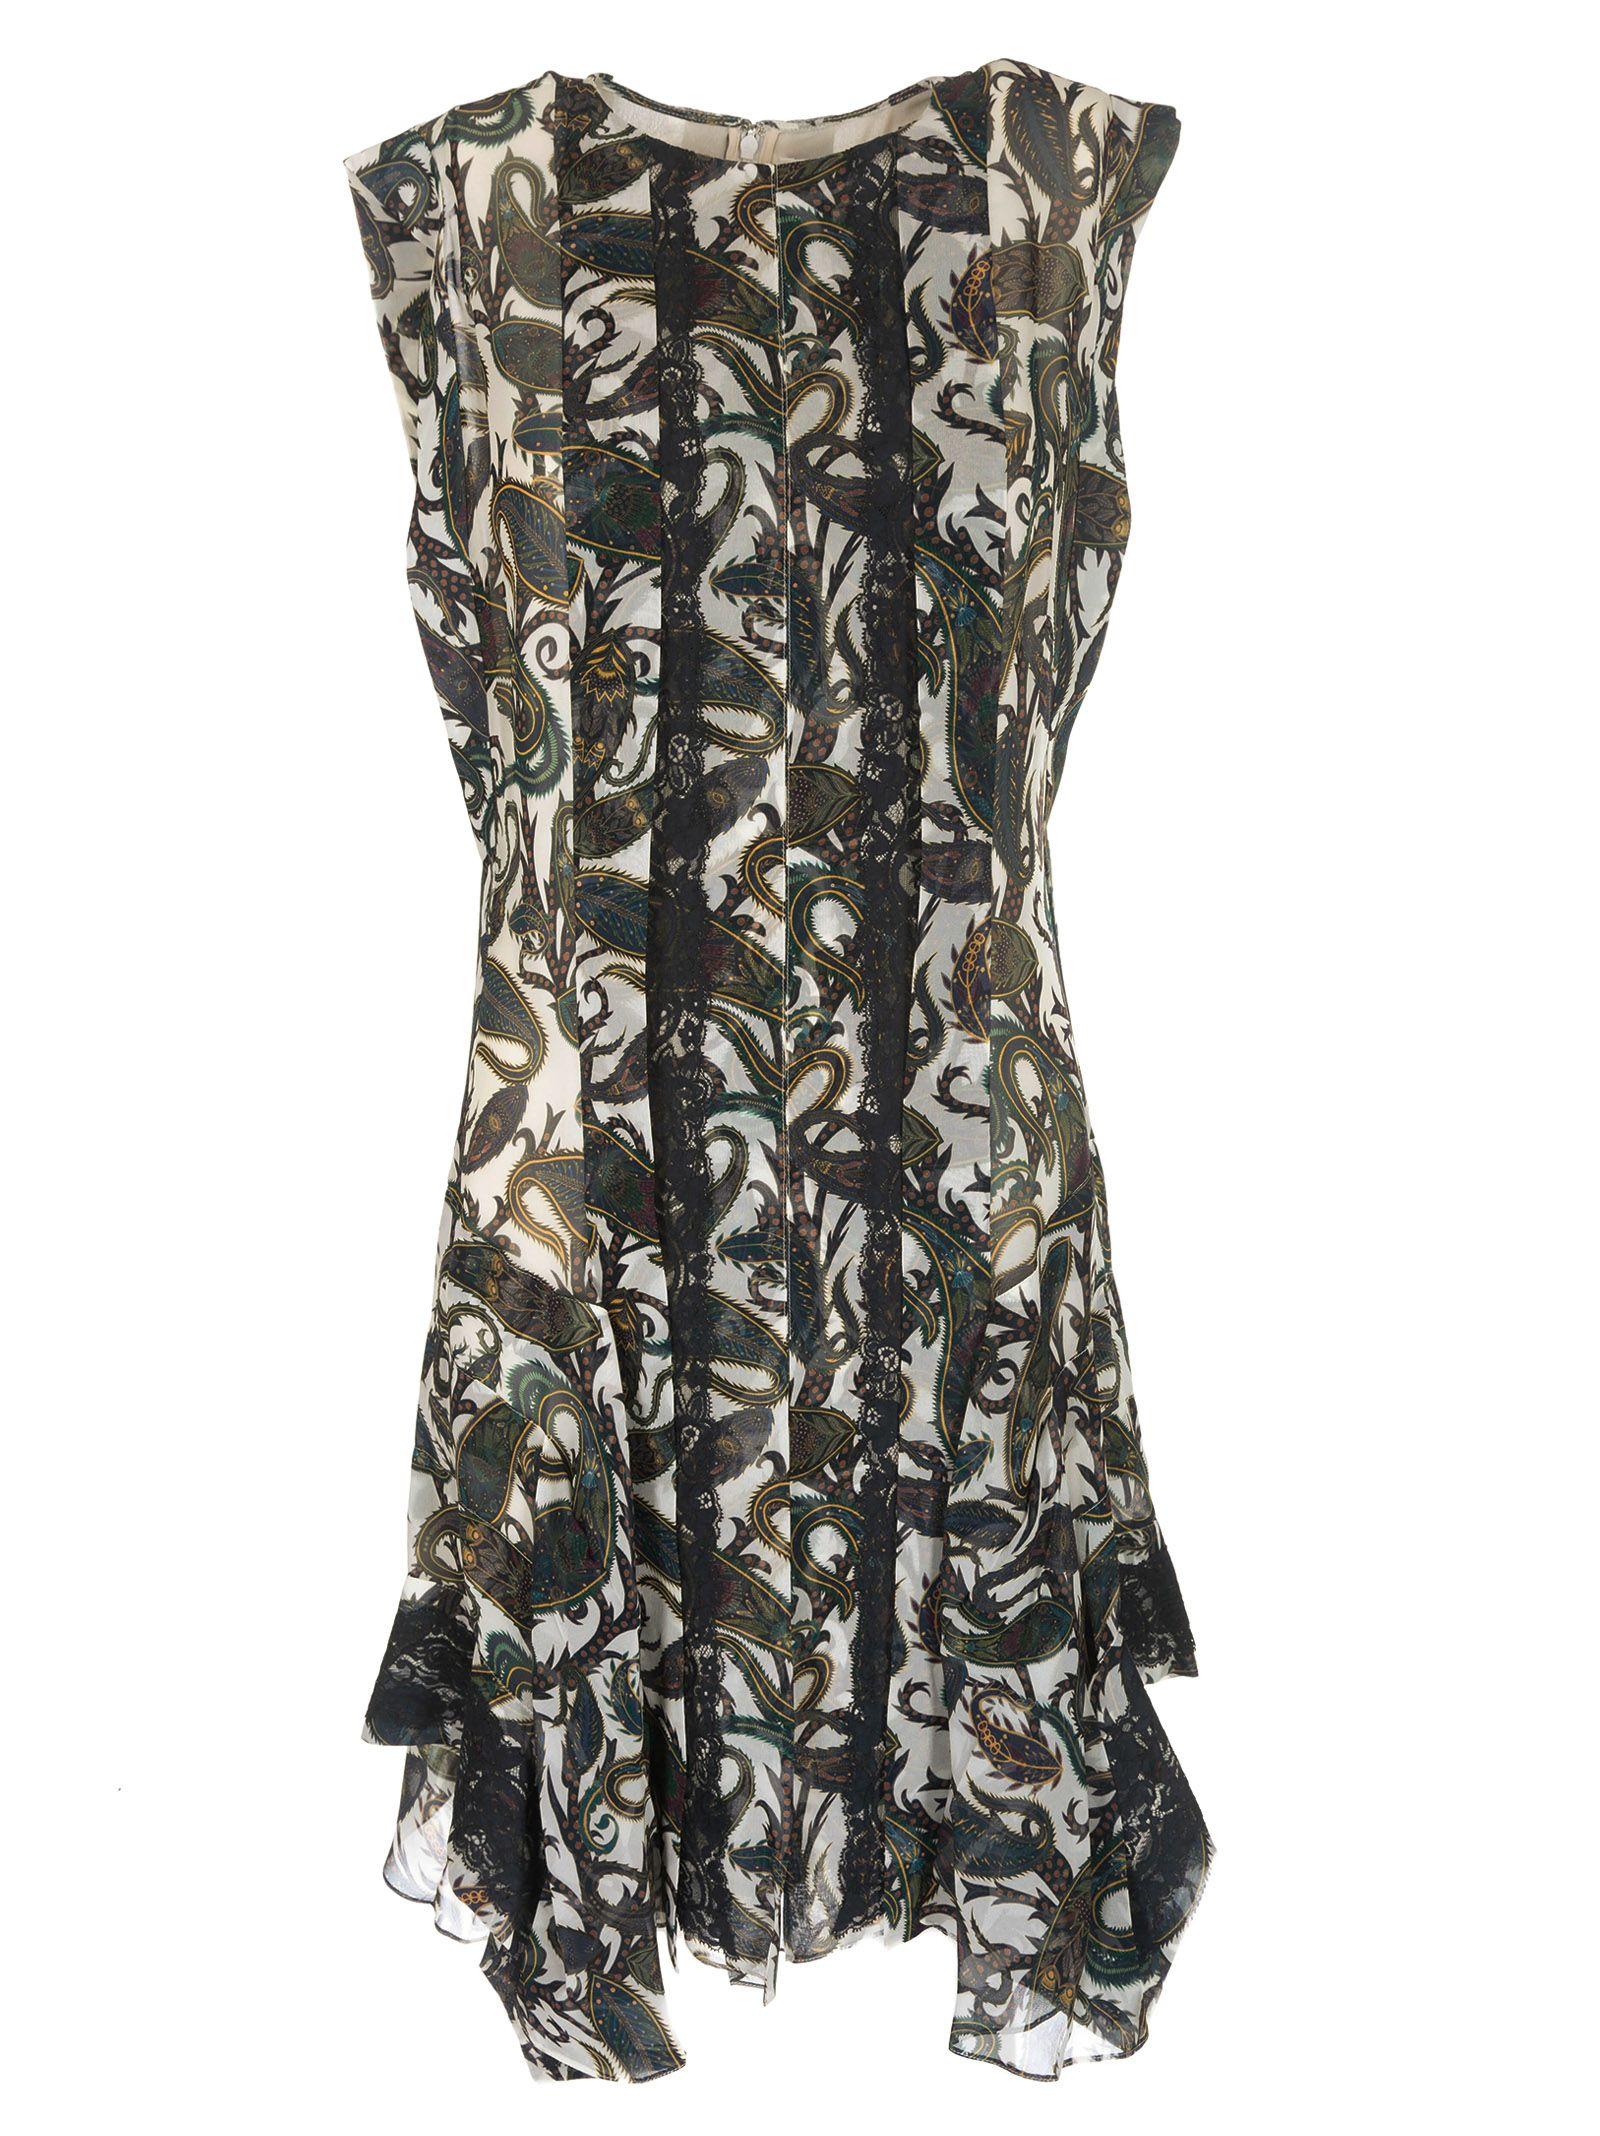 Chloé Paisley Pattern Dress